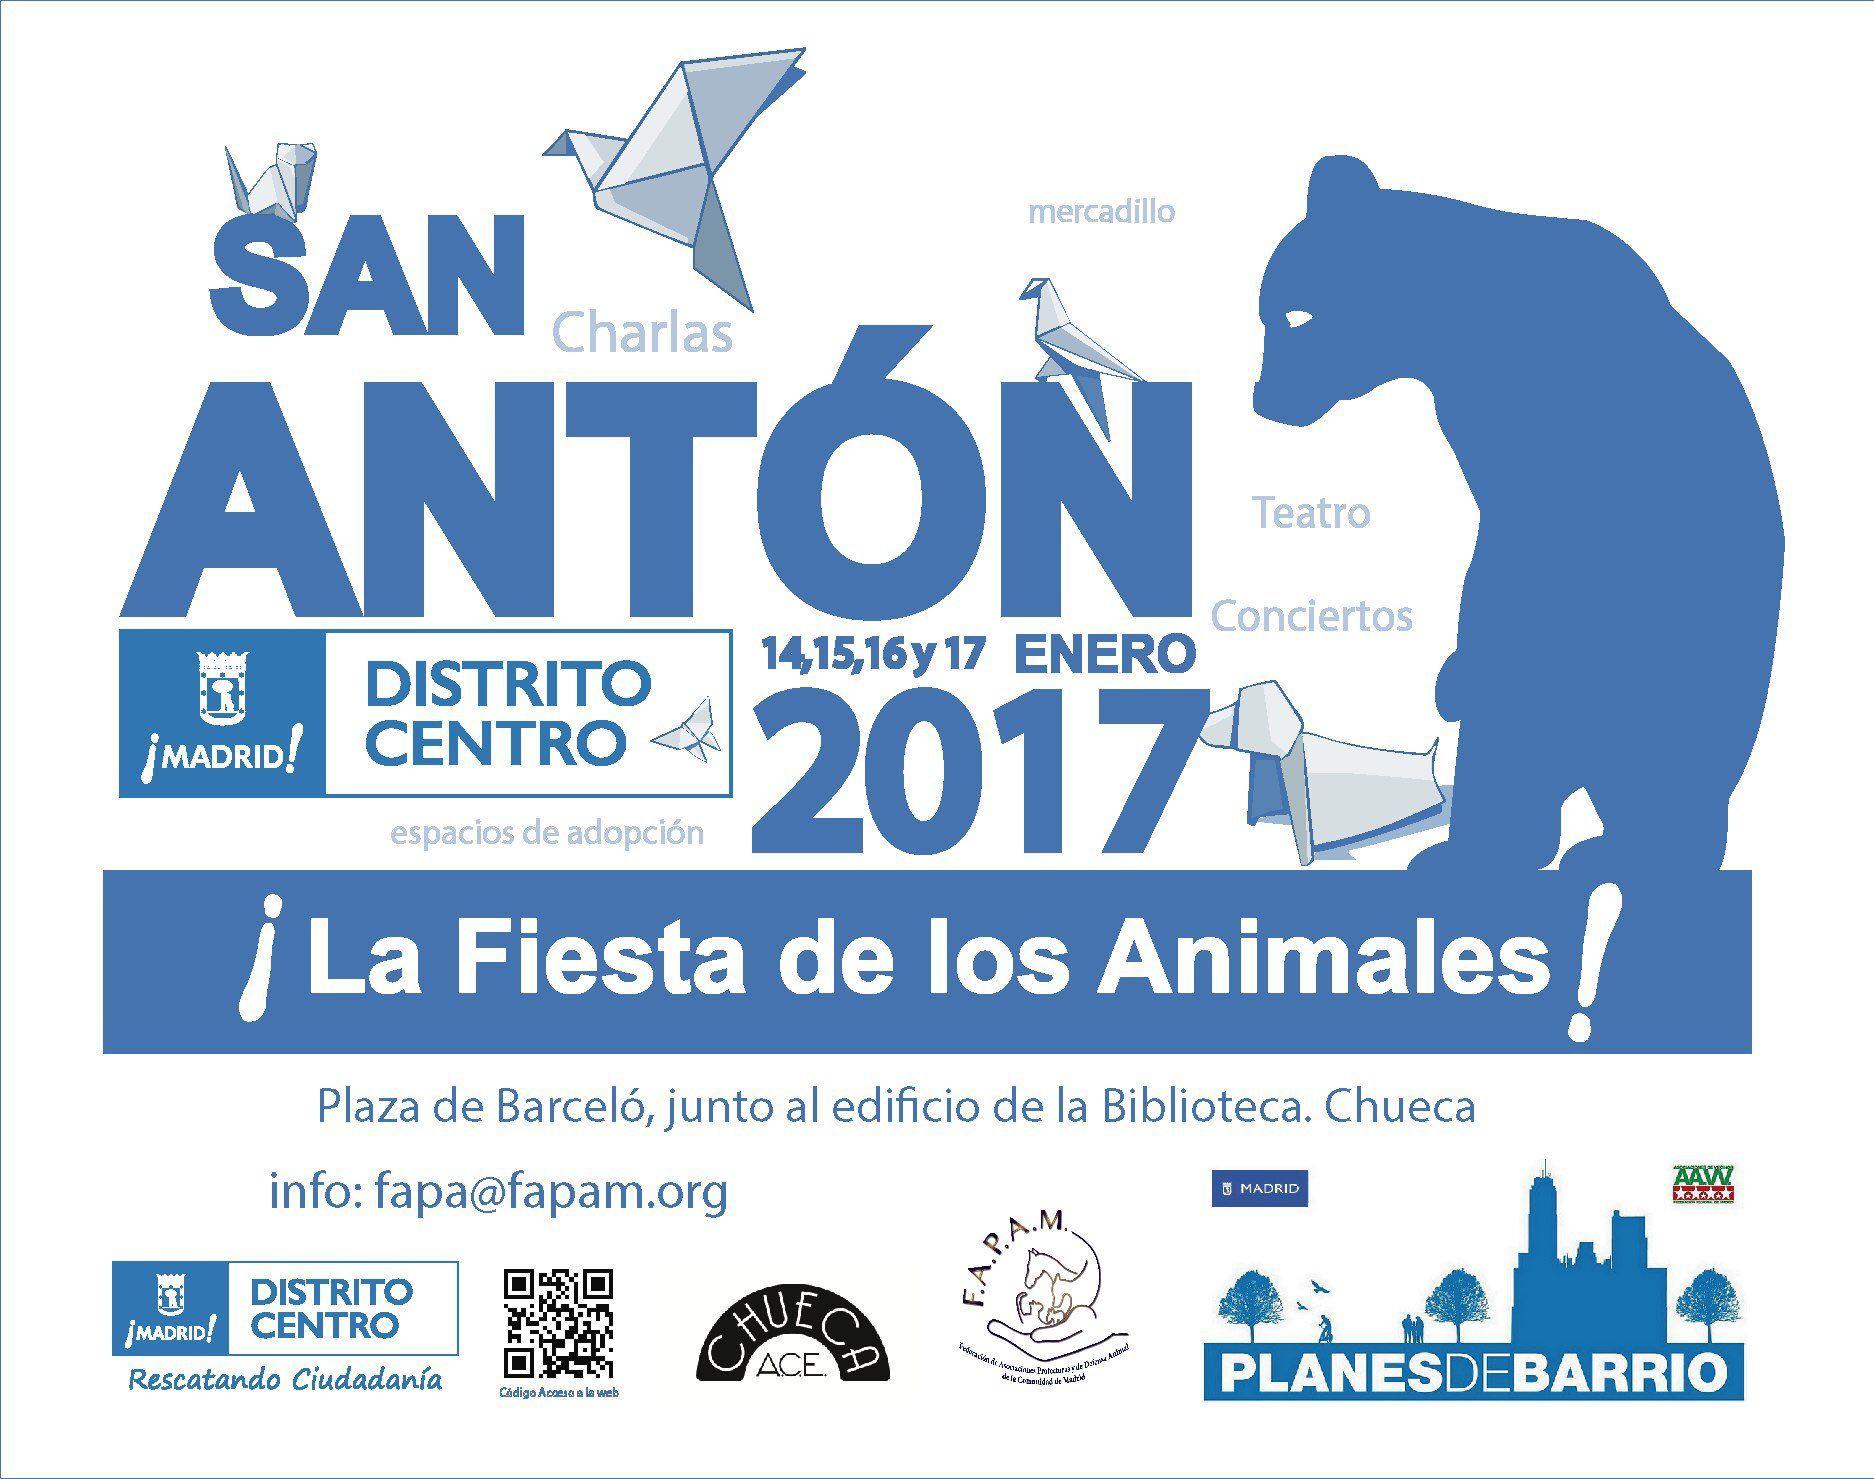 Cartel de San Antón 2017